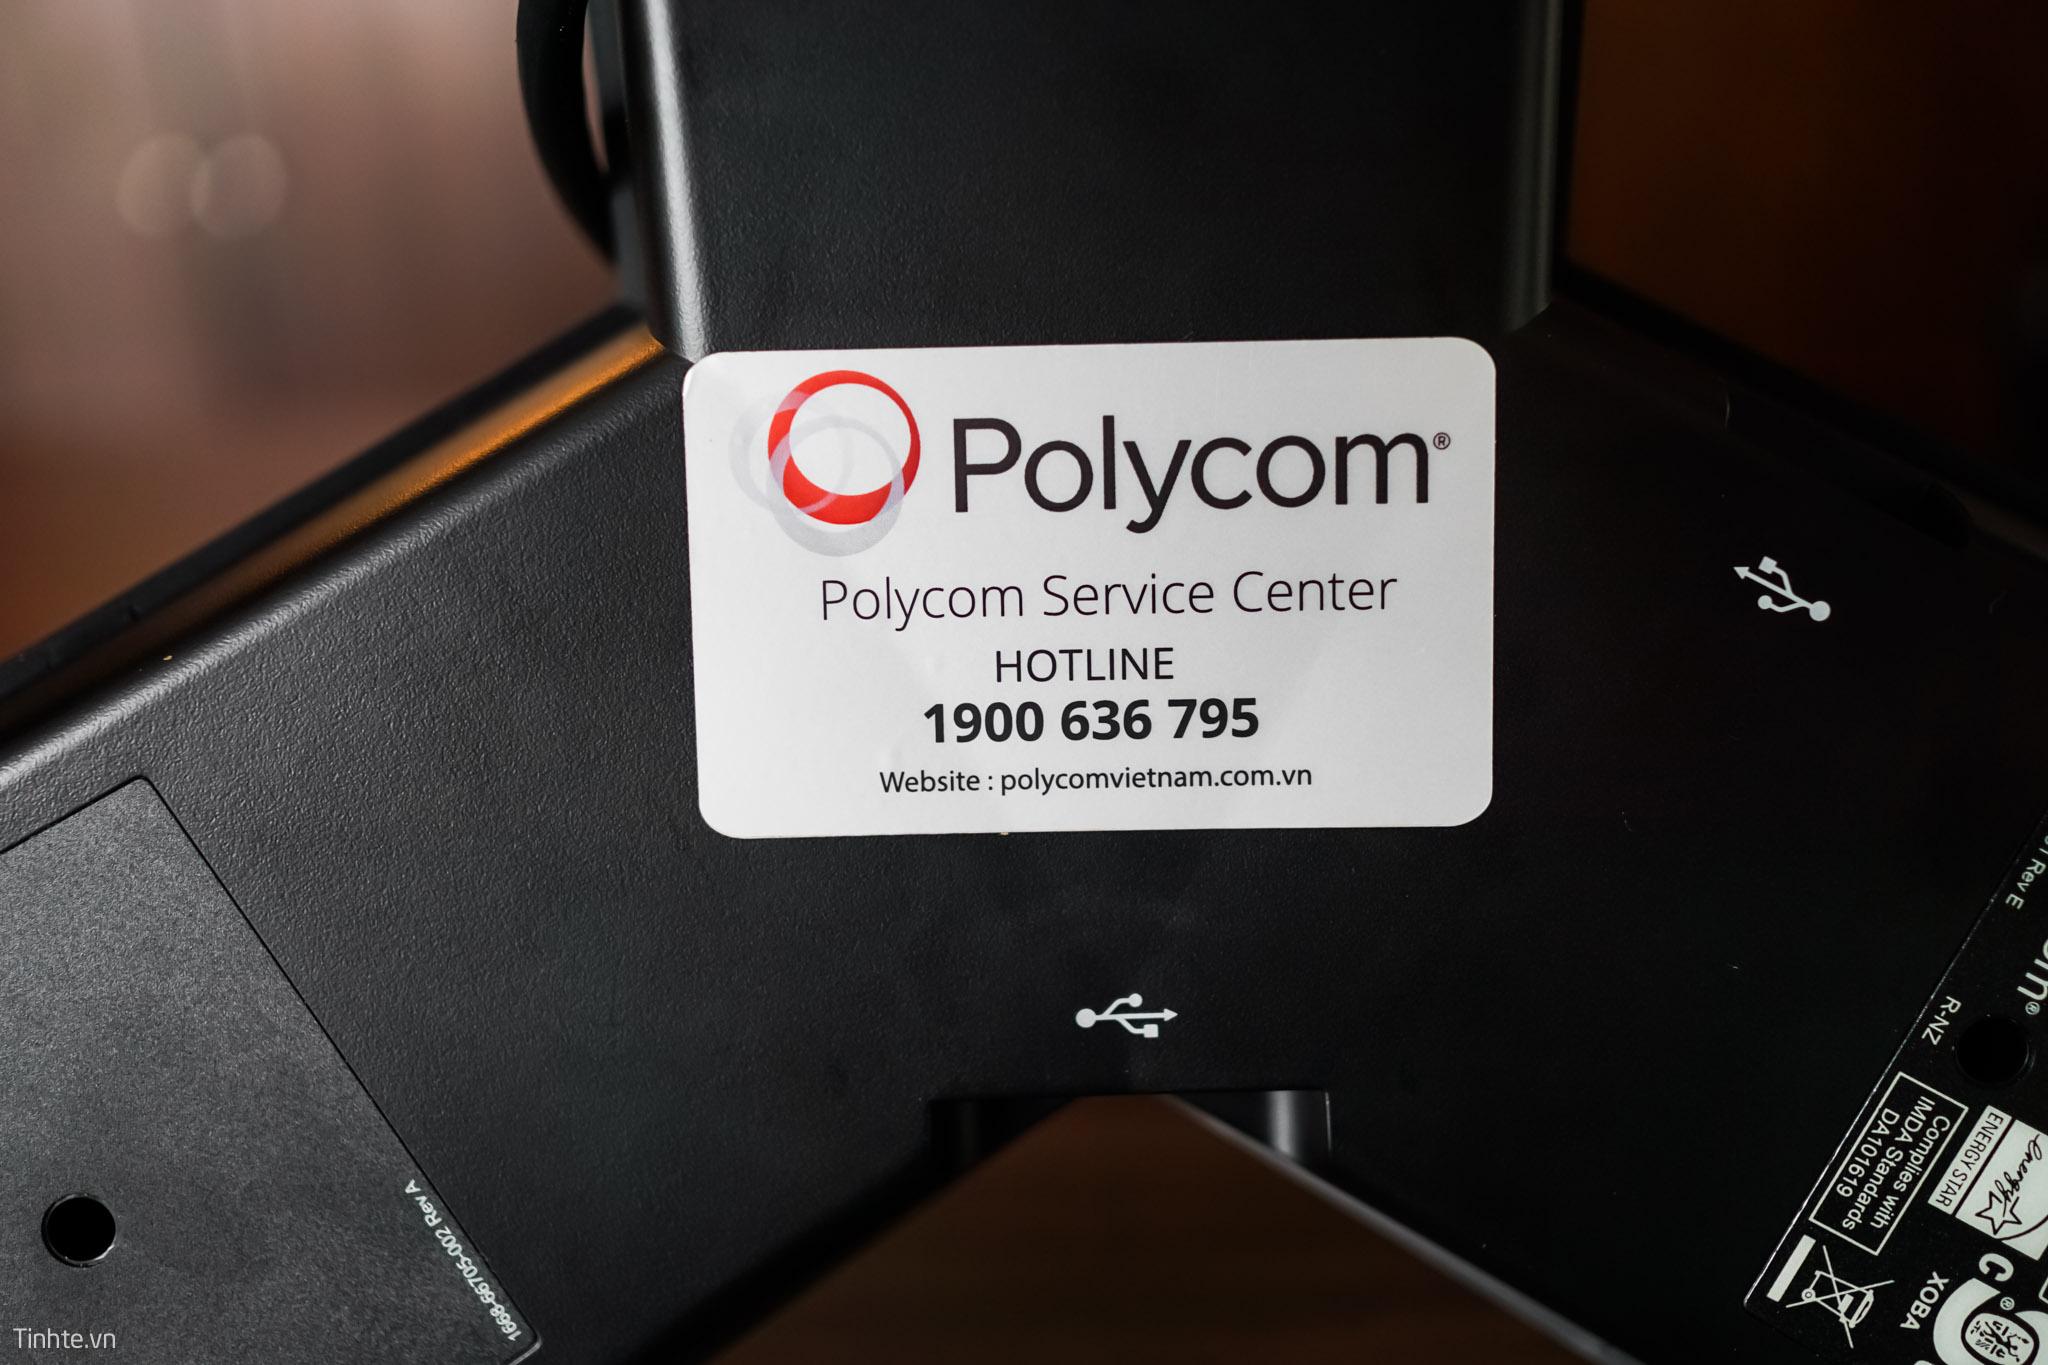 Đang tải tinhte_polycom_trio_8500_19.jpg…